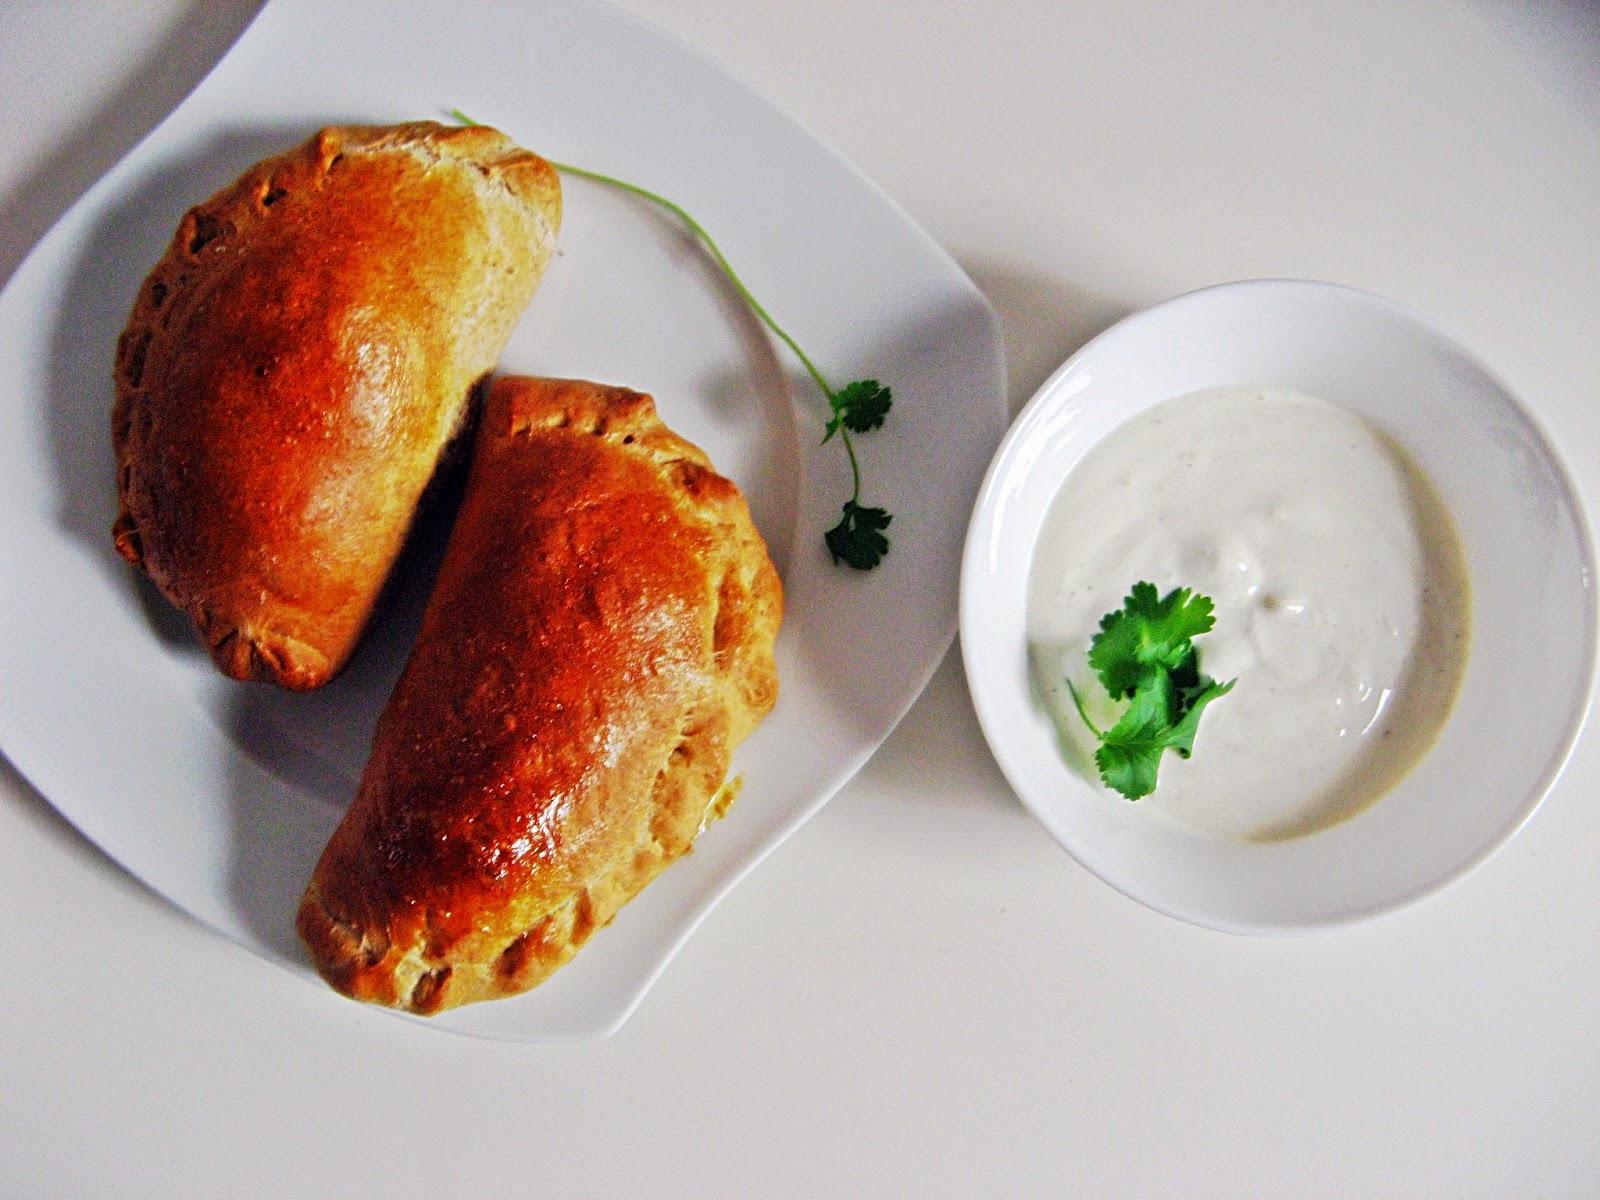 IMG 1717 - Zdrowy fast food, calzone po mojemu- KONKURS IGLOTEX